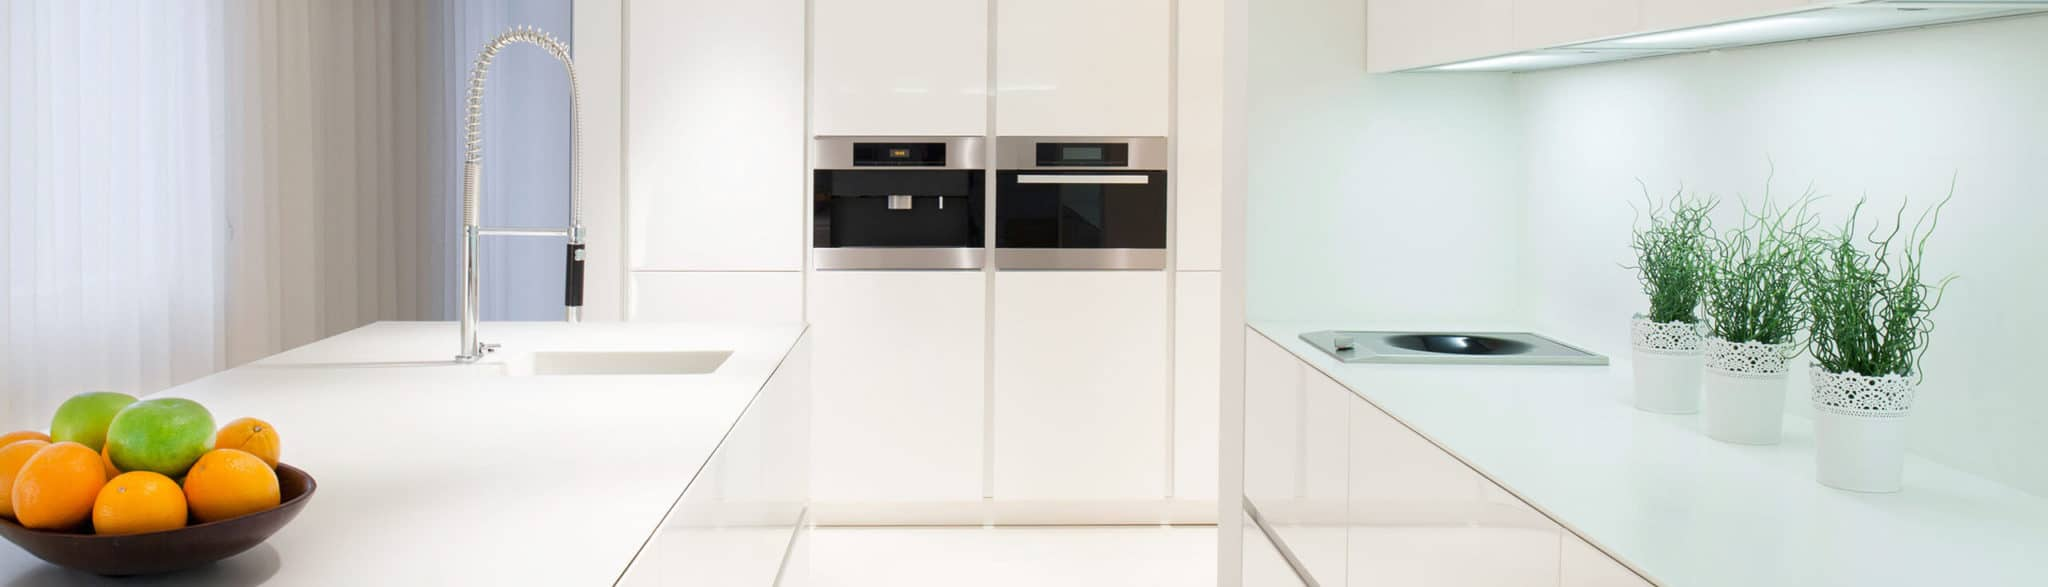 Cocina blanca espaciosa - muebles de cocina en madrid